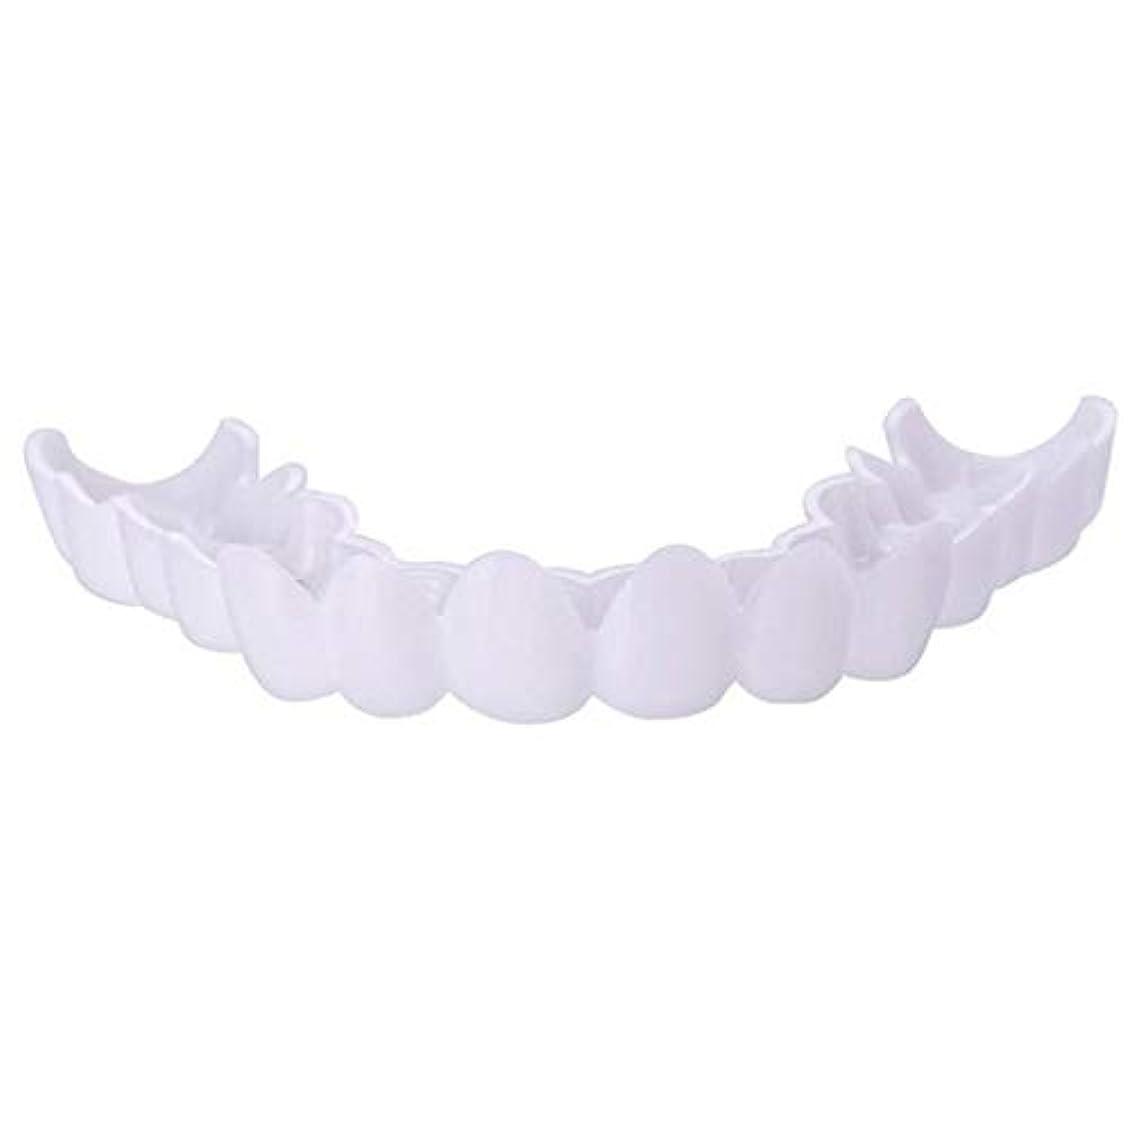 ワーディアンケース挑む興奮シリコーンシミュレーション歯科用義歯スリーブ、上歯のホワイトニング,A